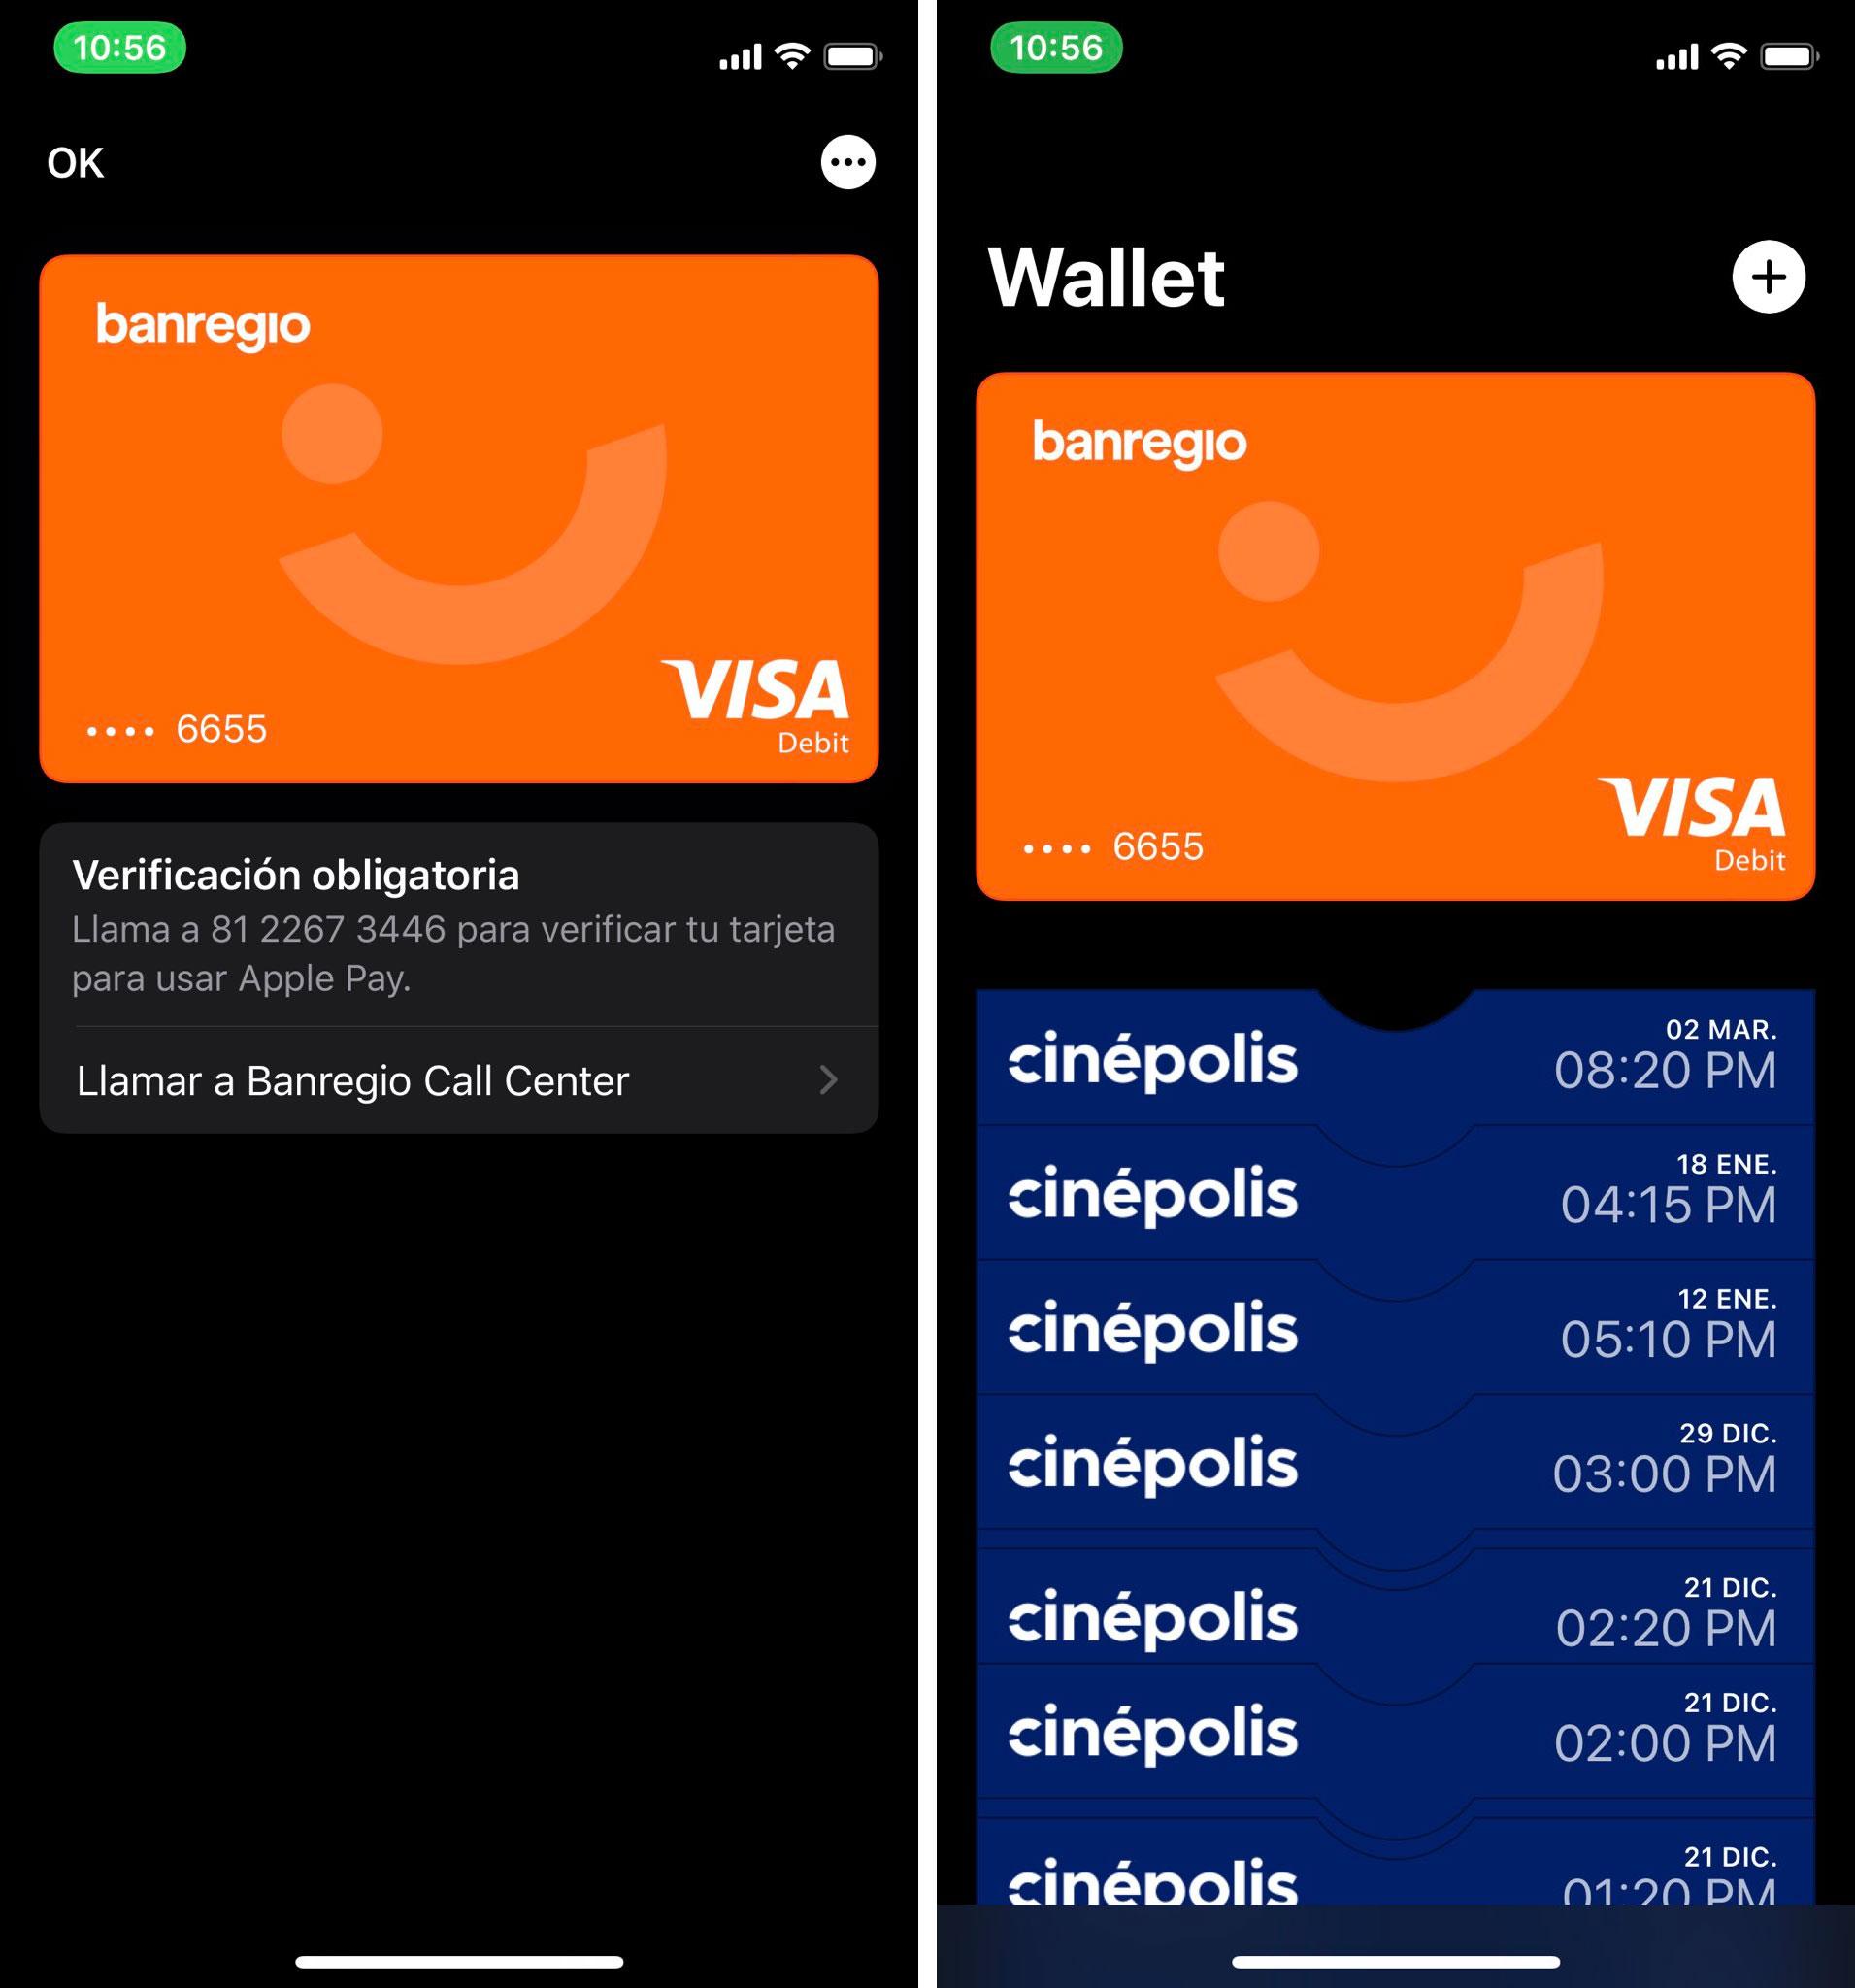 Registrando la tarjeta de Banregio en Apple Pay